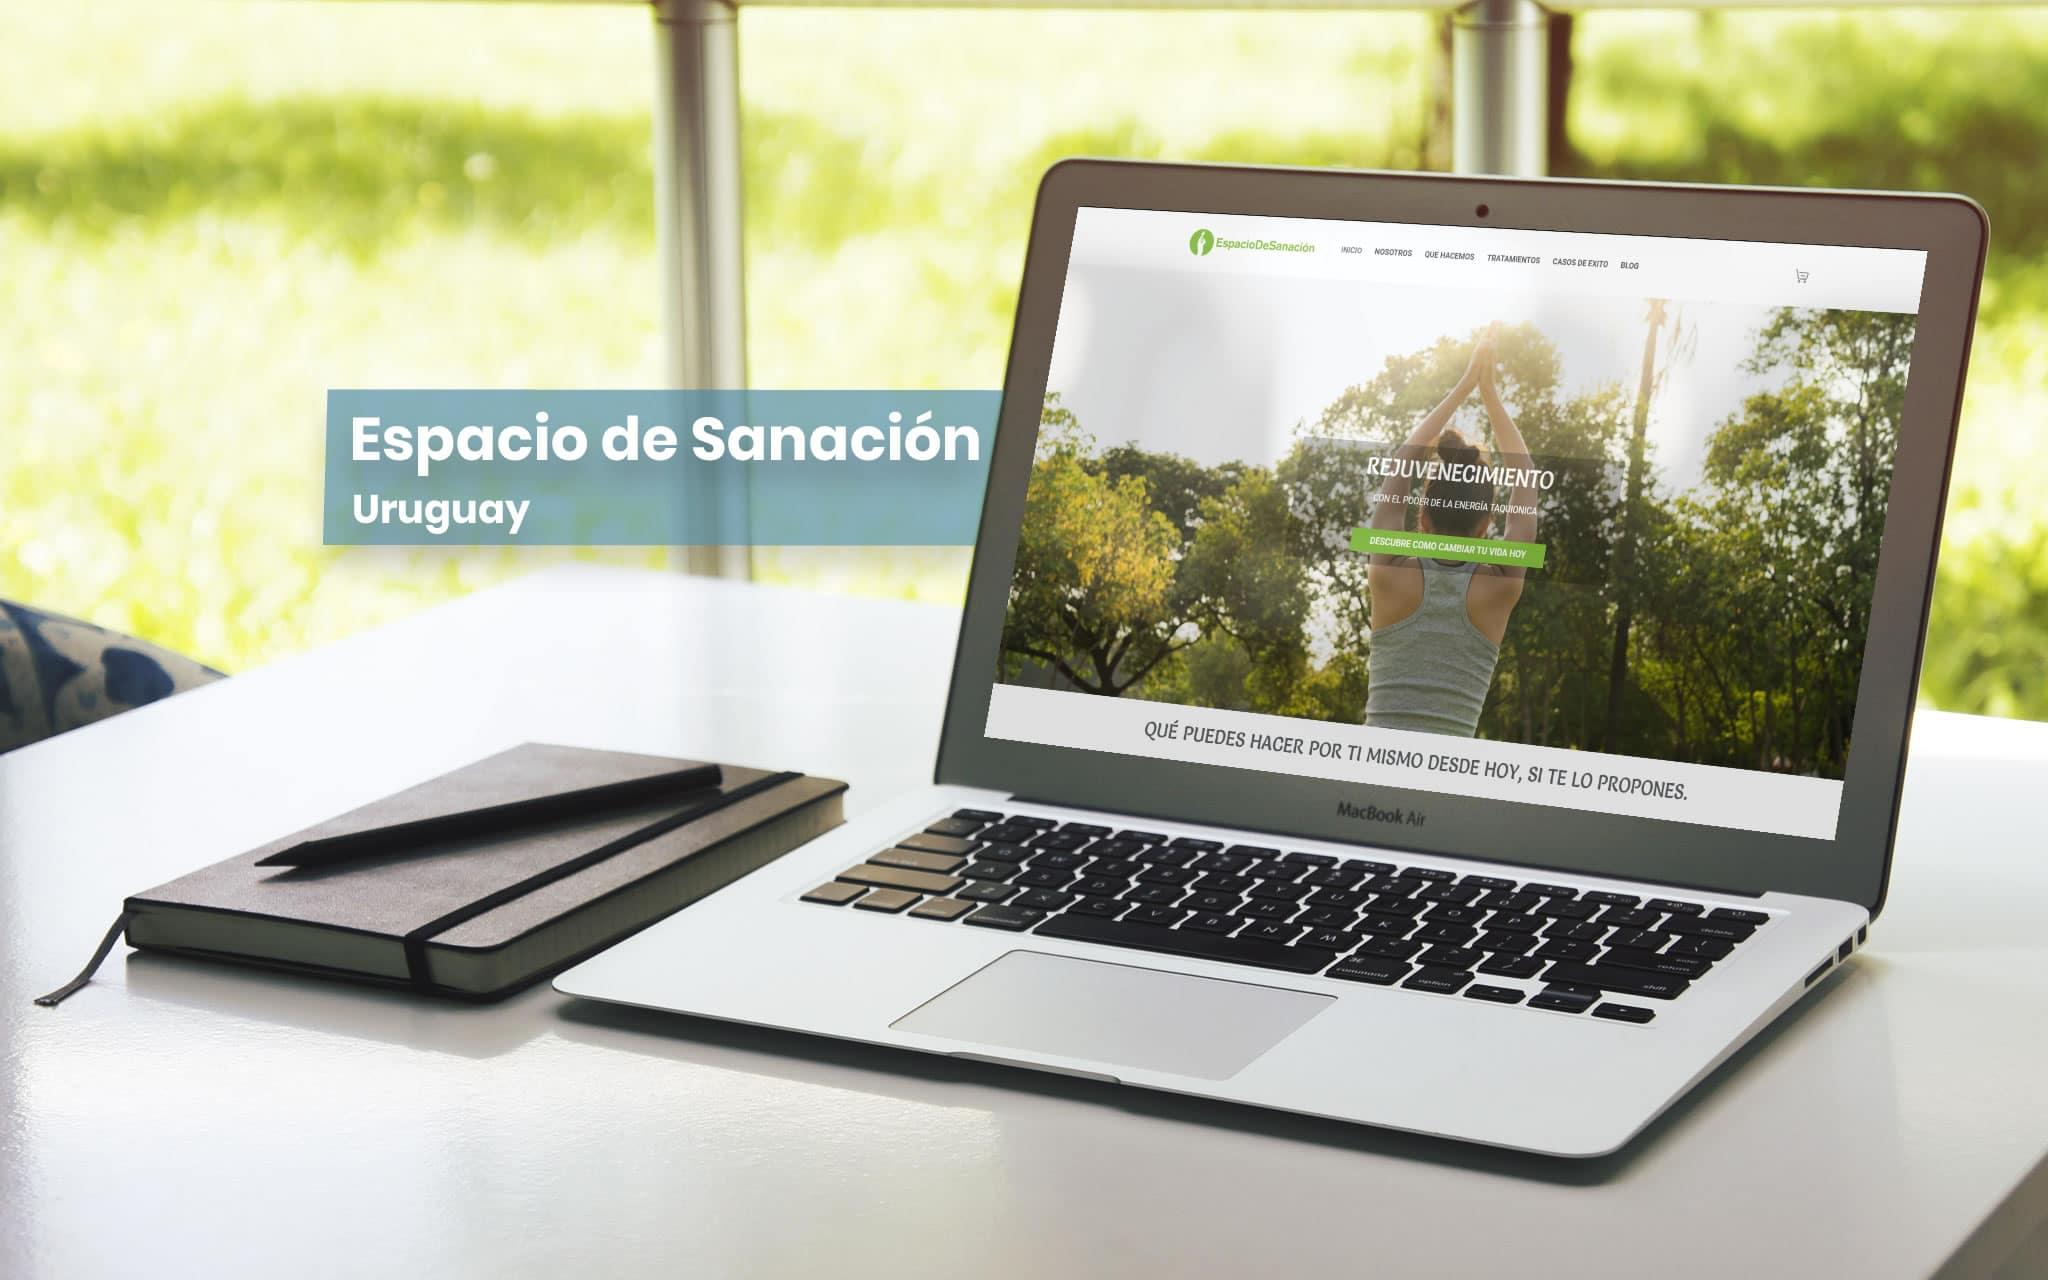 Espacio de Sanación - Uruguay